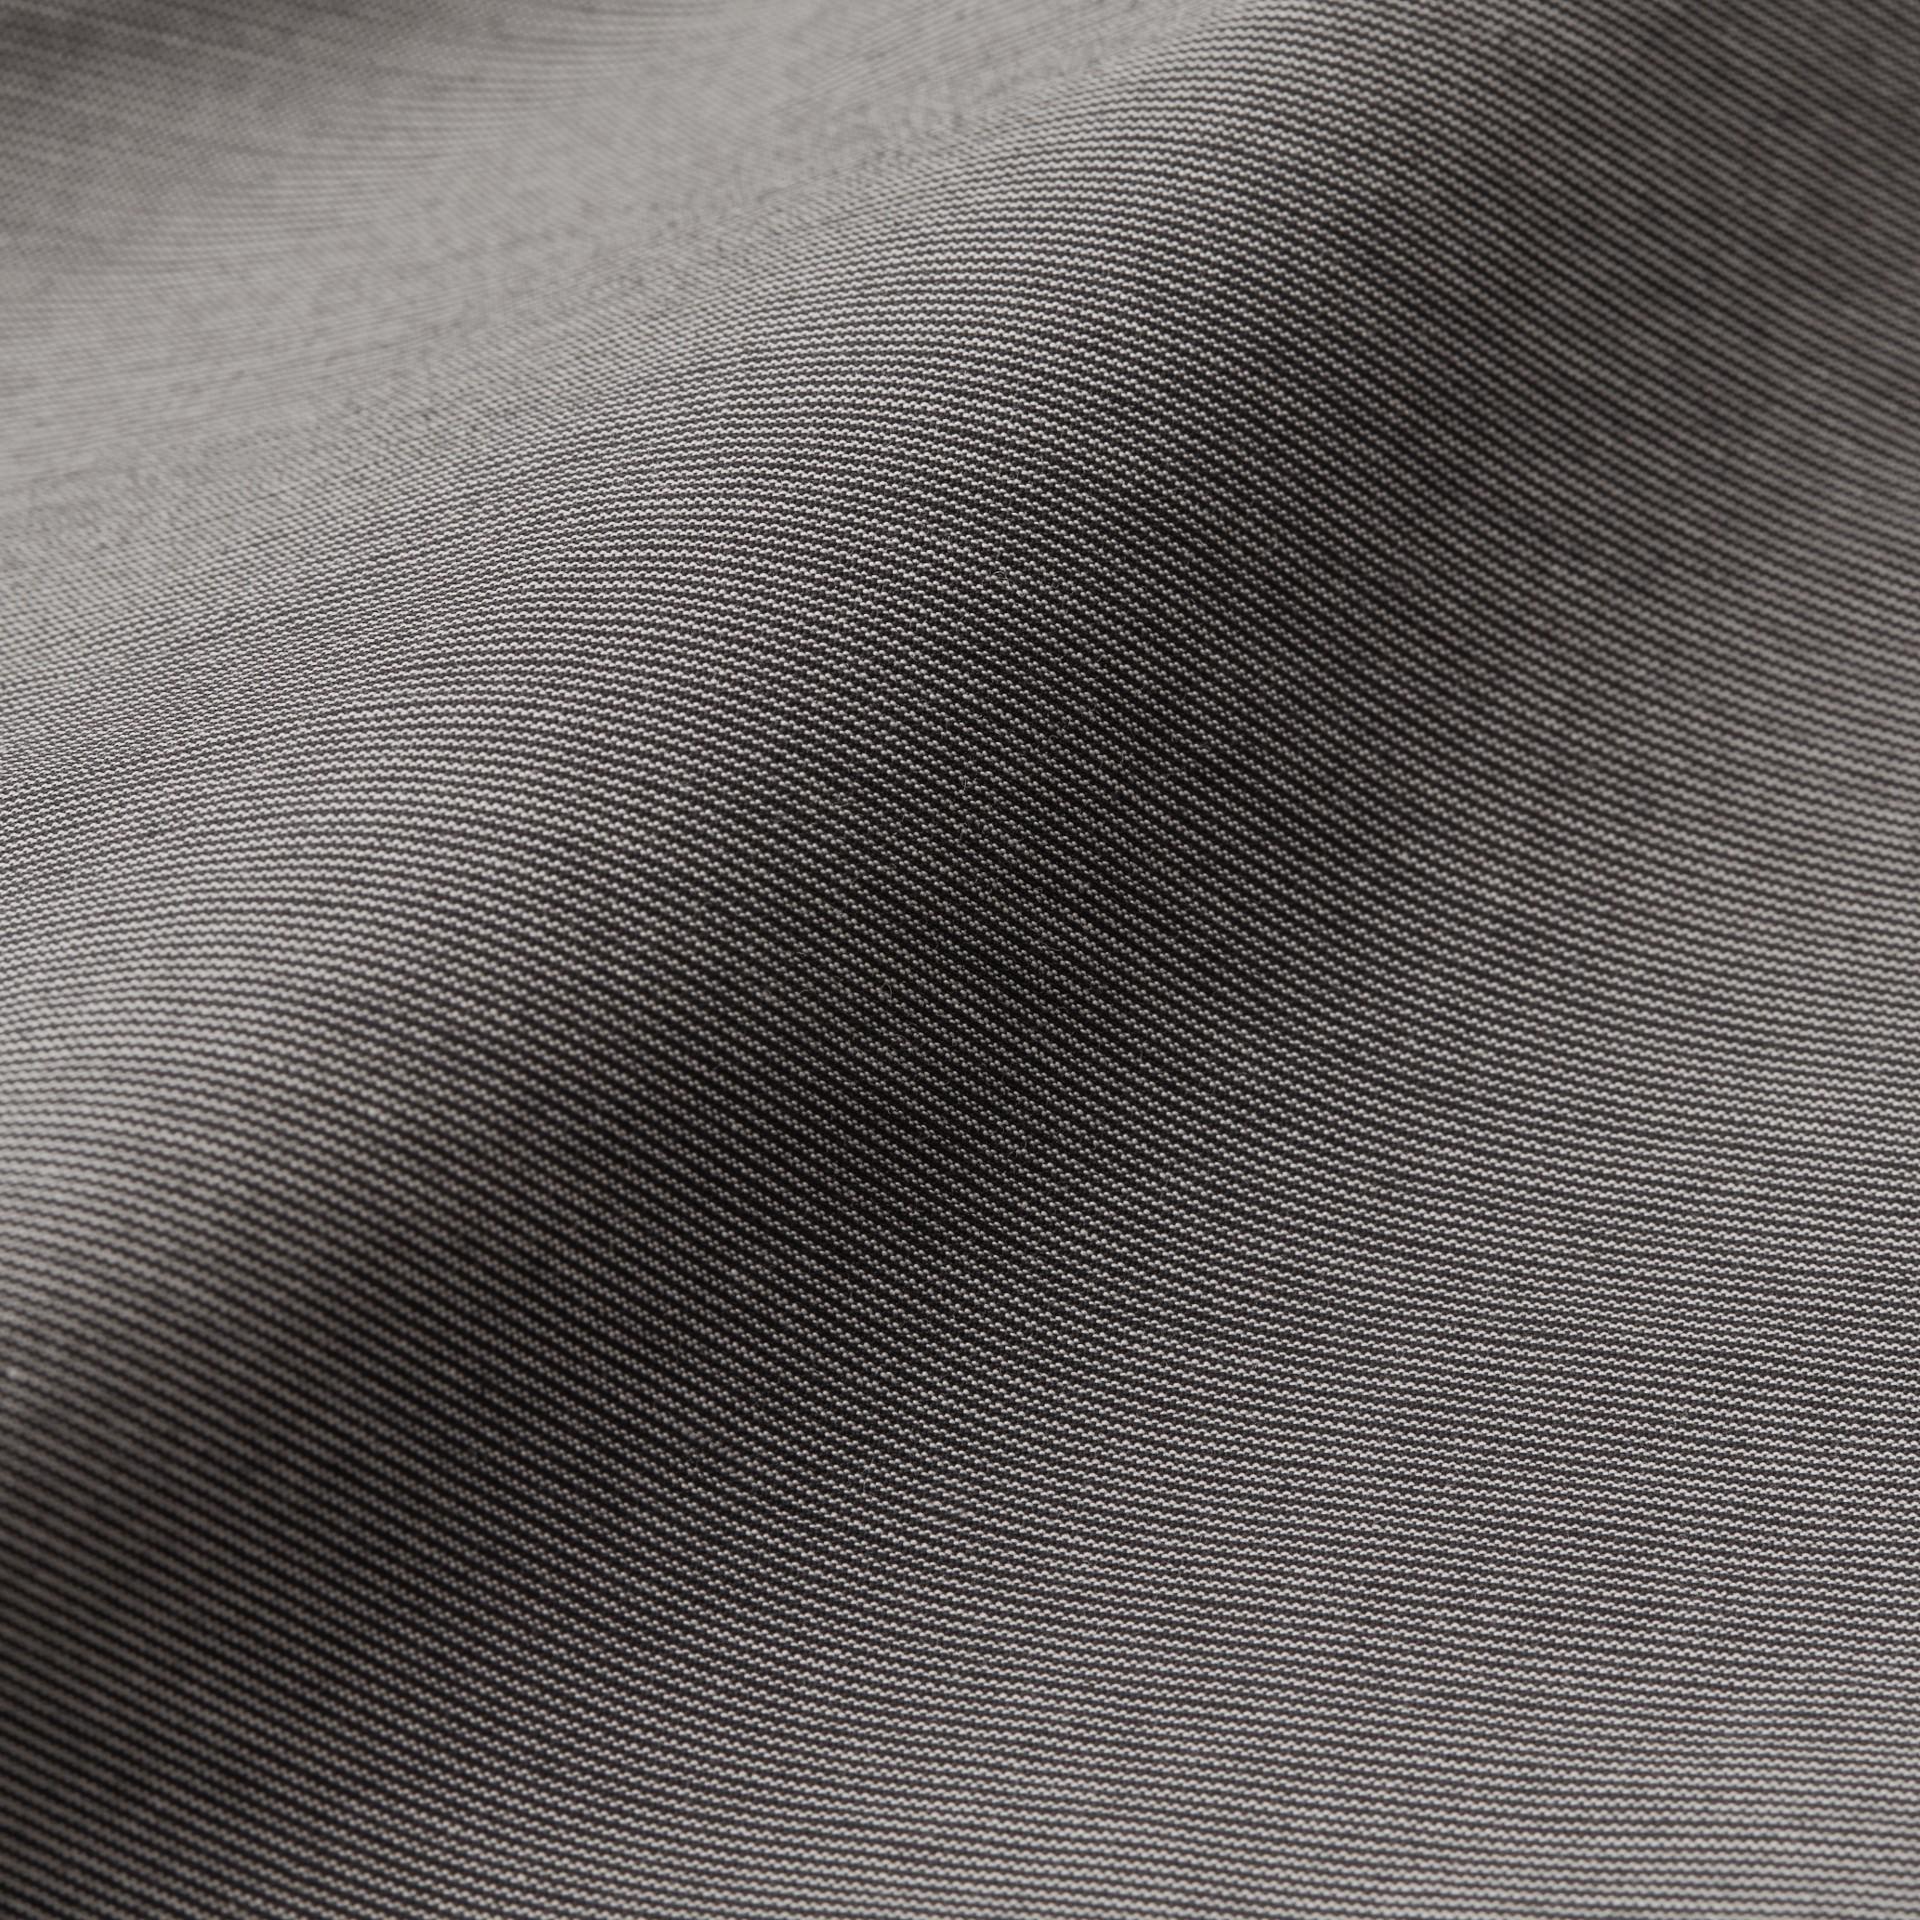 다크 그레이 코튼 테이퍼드 팬츠 - 갤러리 이미지 2